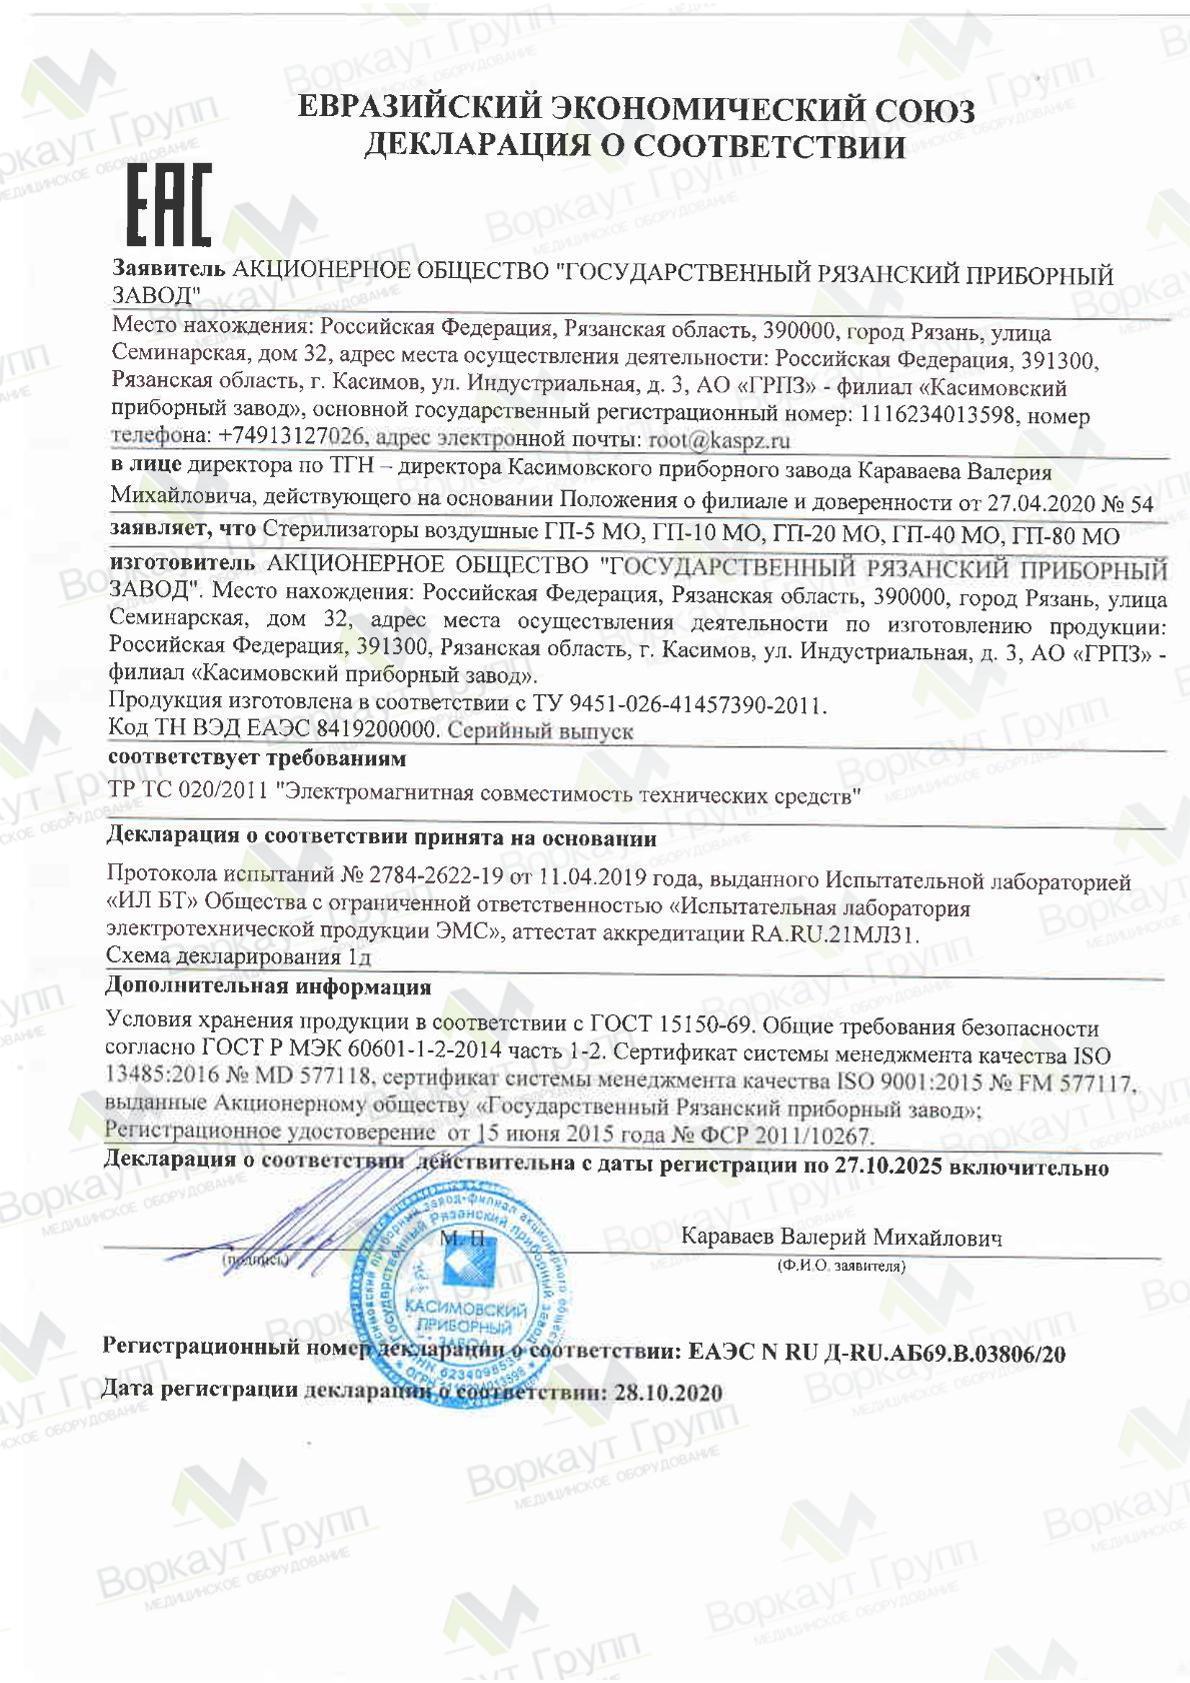 Cтерилизатор ГП-10-20-40-80 МО EAC